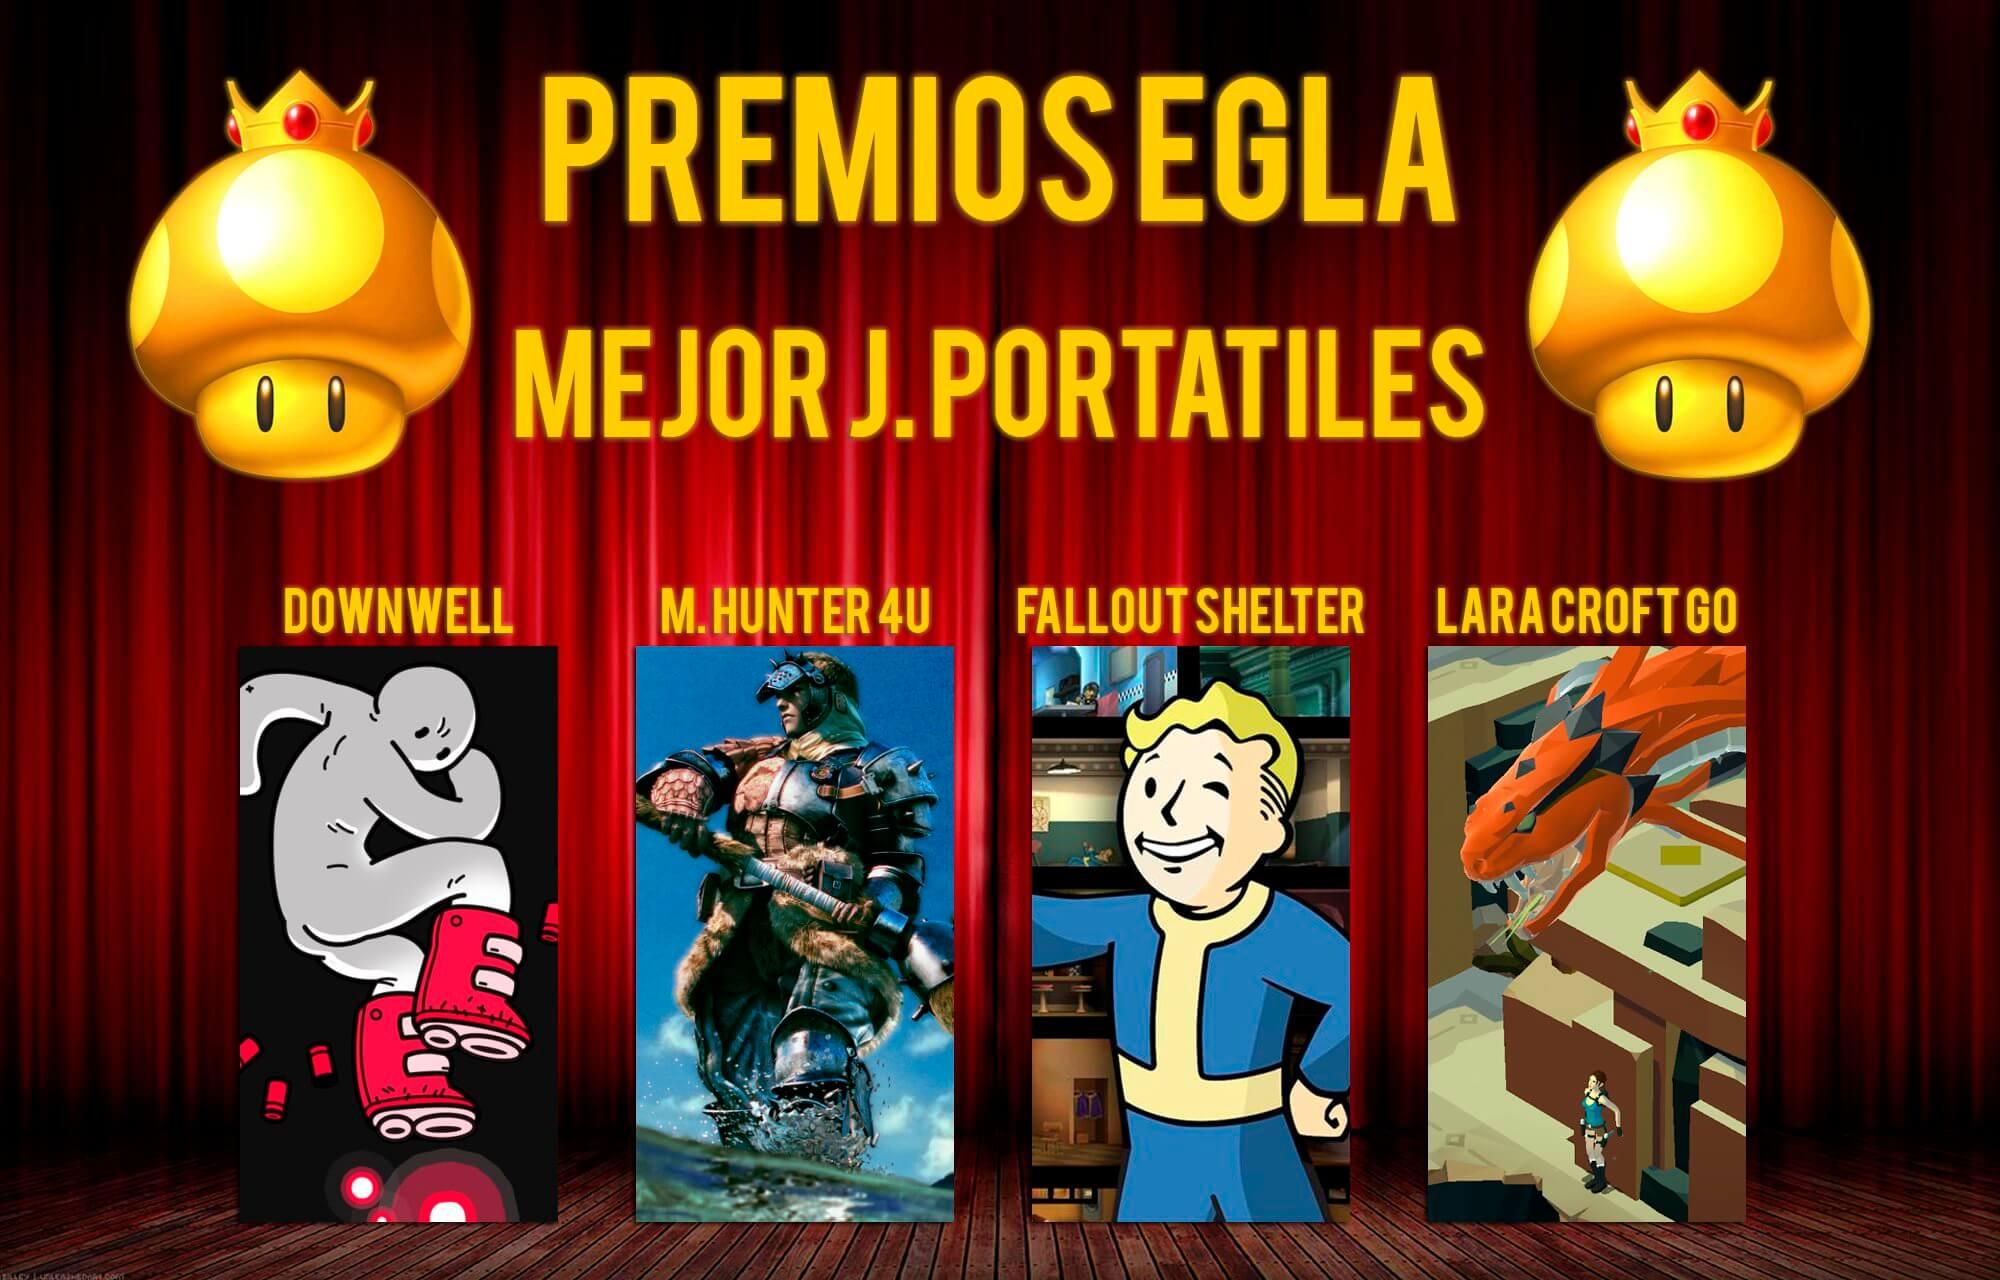 Premios EGLA 2015 Mejor juego para portátiles